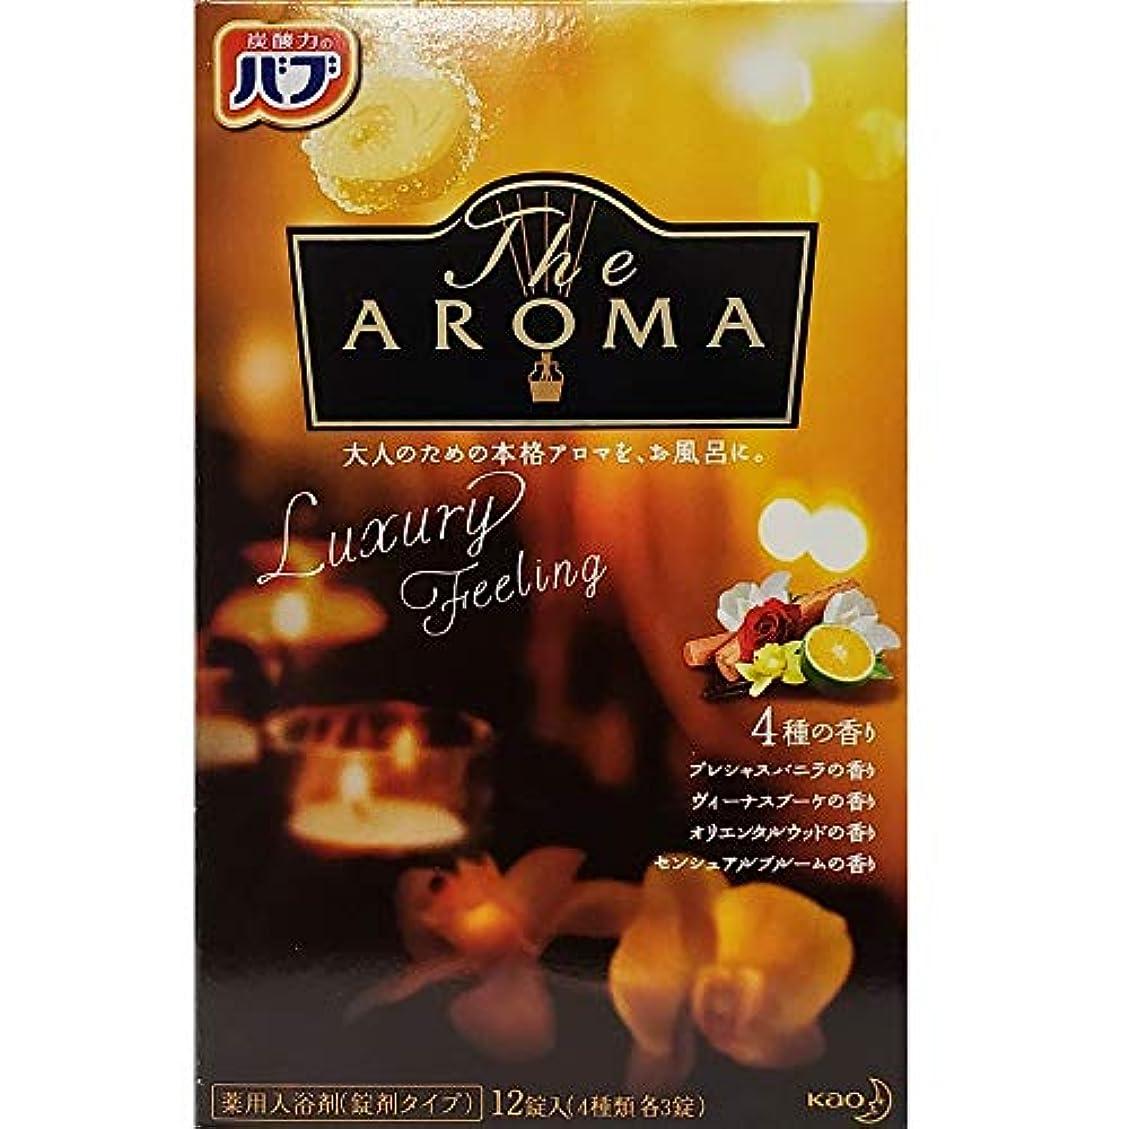 ロシア断言する温度計バブ The Aroma Luxury Feeling 40g×12錠(4種類 各3錠) 医薬部外品